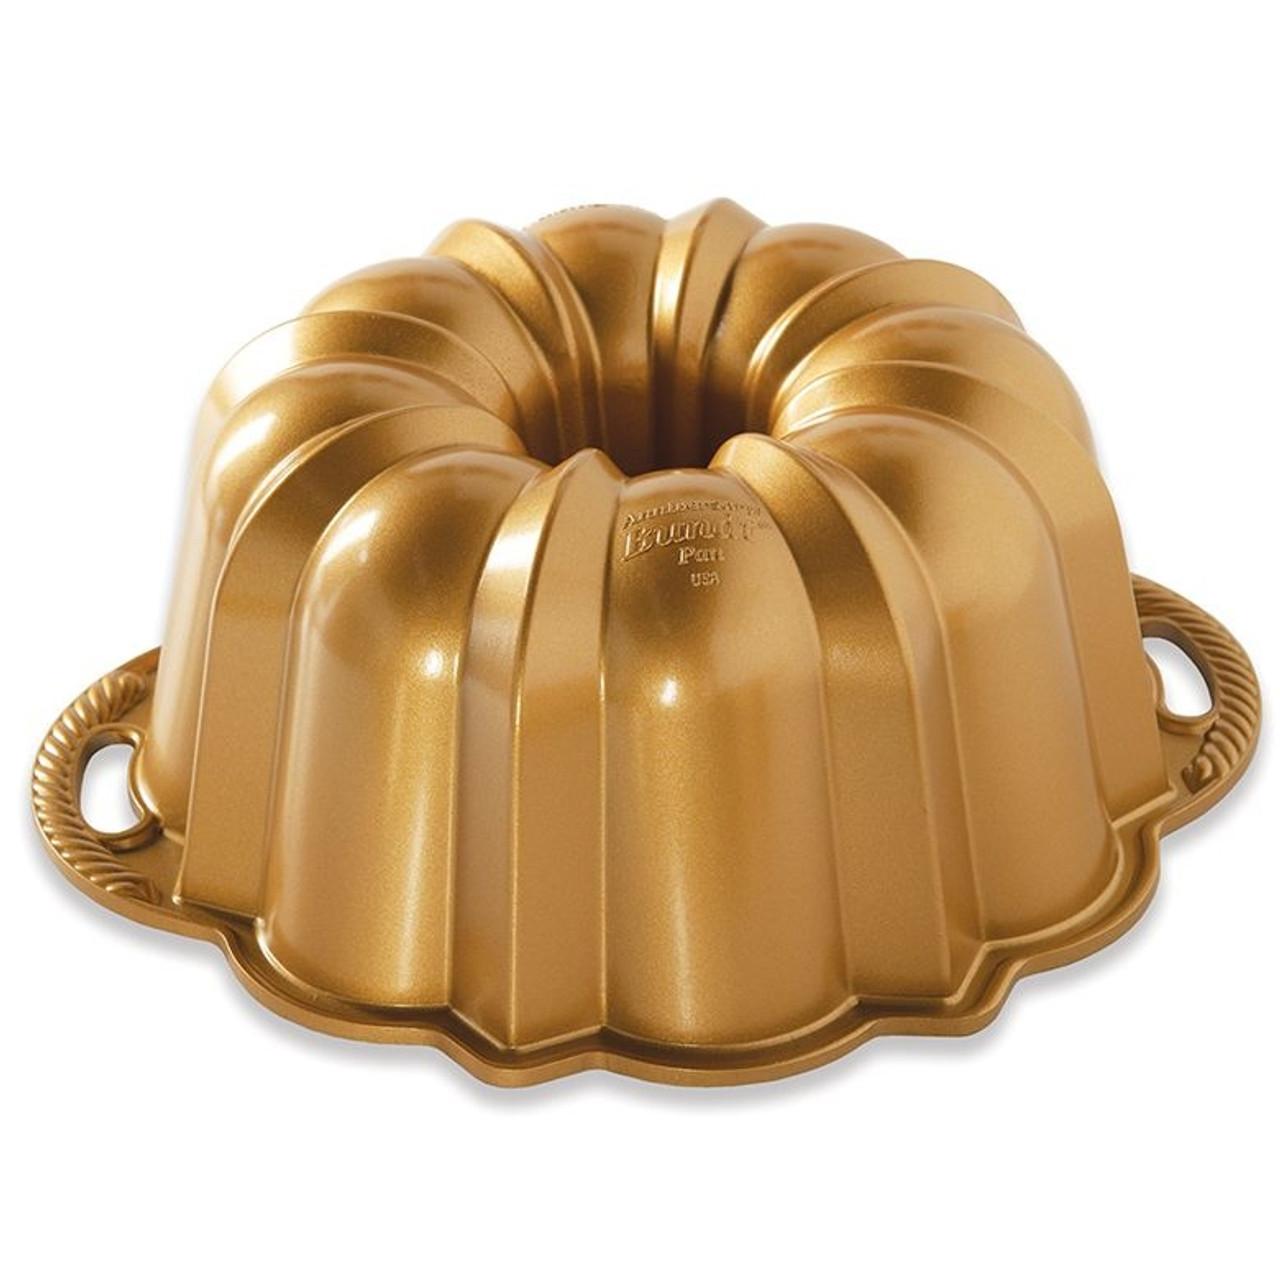 Nordic Ware Anniversary Bundt Baking Pan 10//15 cup